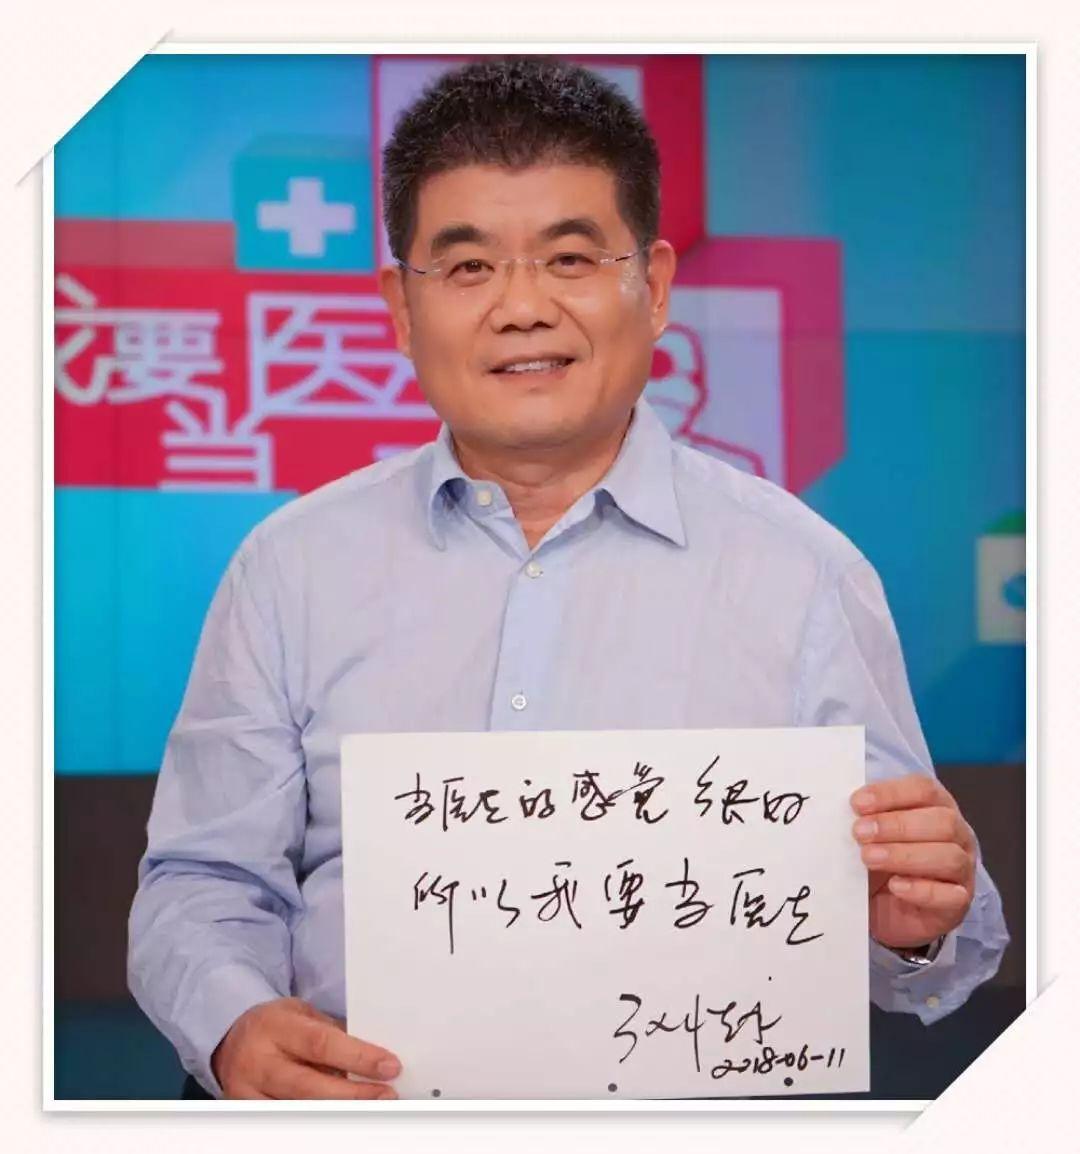 北京天坛医院普外科_首都医科大学附属北京天坛医院